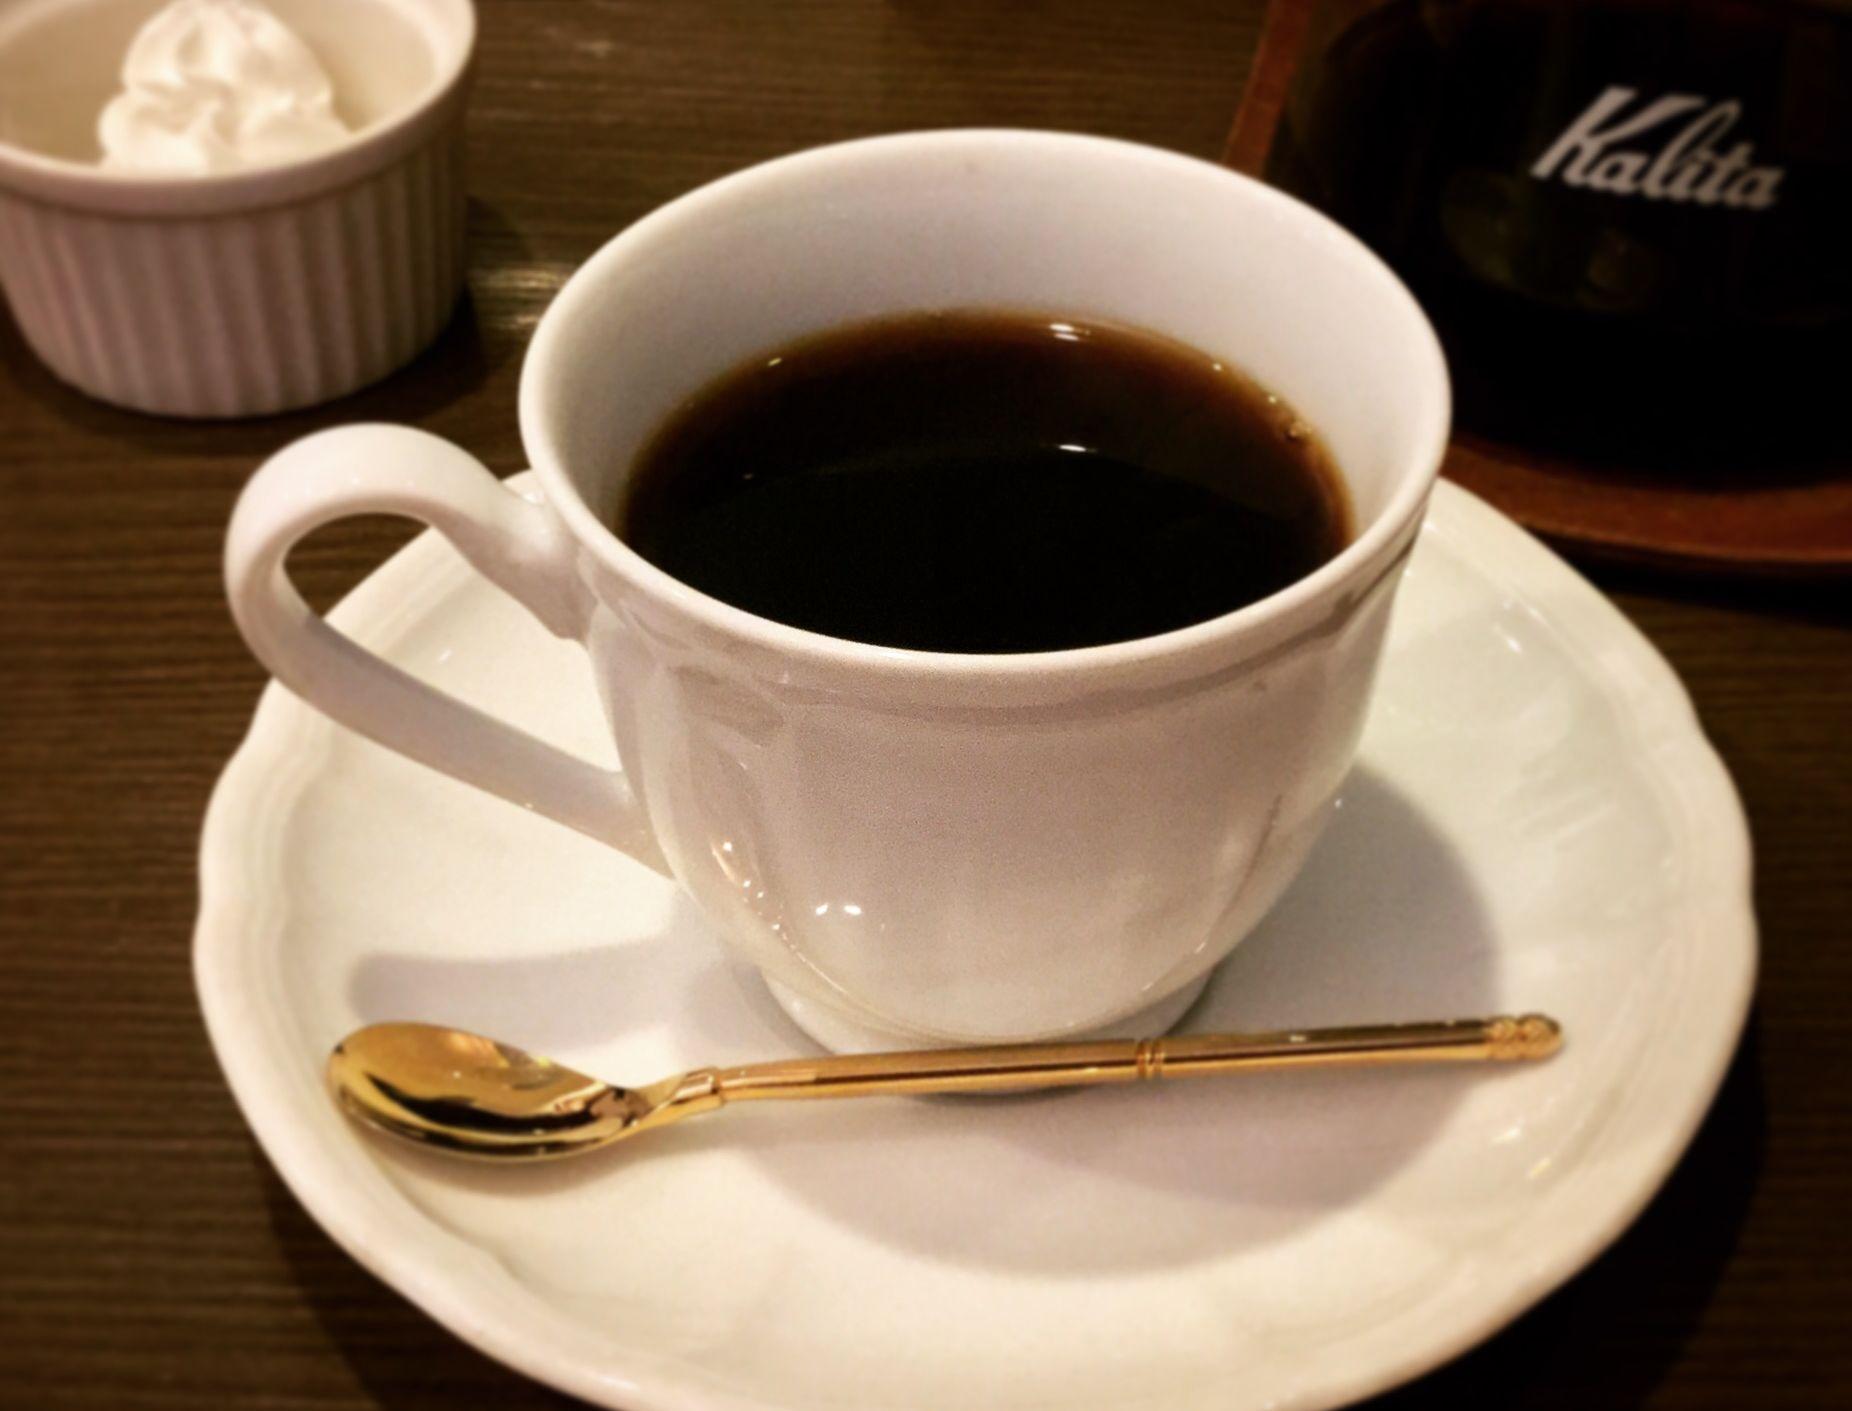 久屋大通でちょっと休憩したいときはここ! こだわりを持ったオシャレカフェ4選 - nagoya